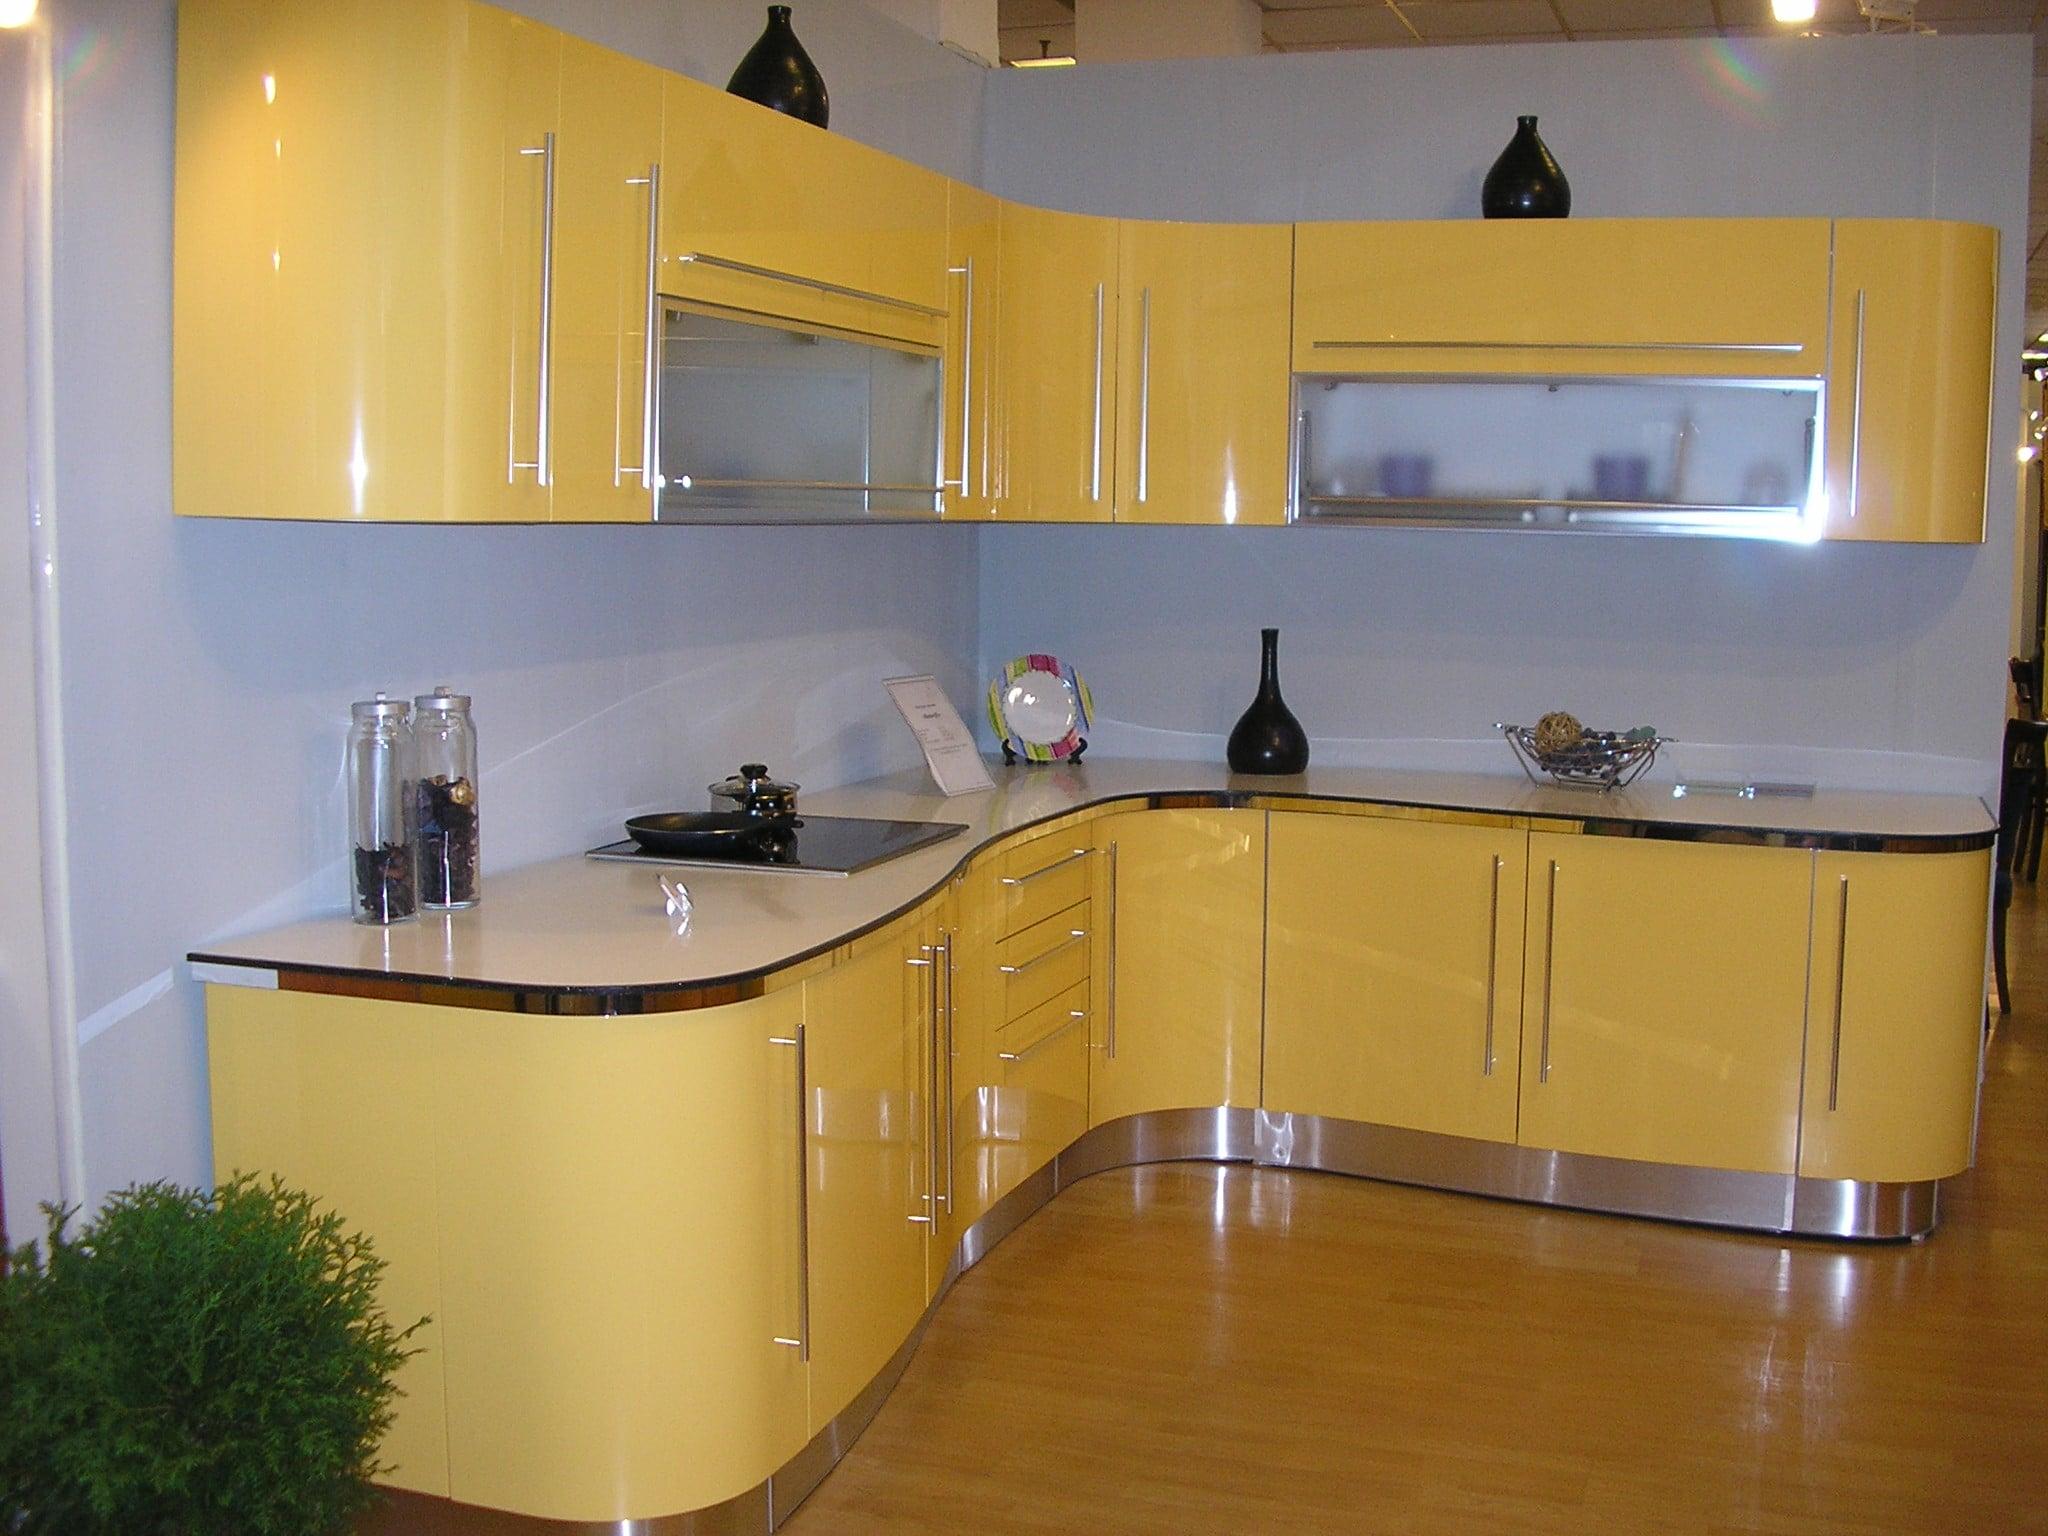 Фасады для кухни - 70 фото лучших кухонных фасадов в интерьере кухни